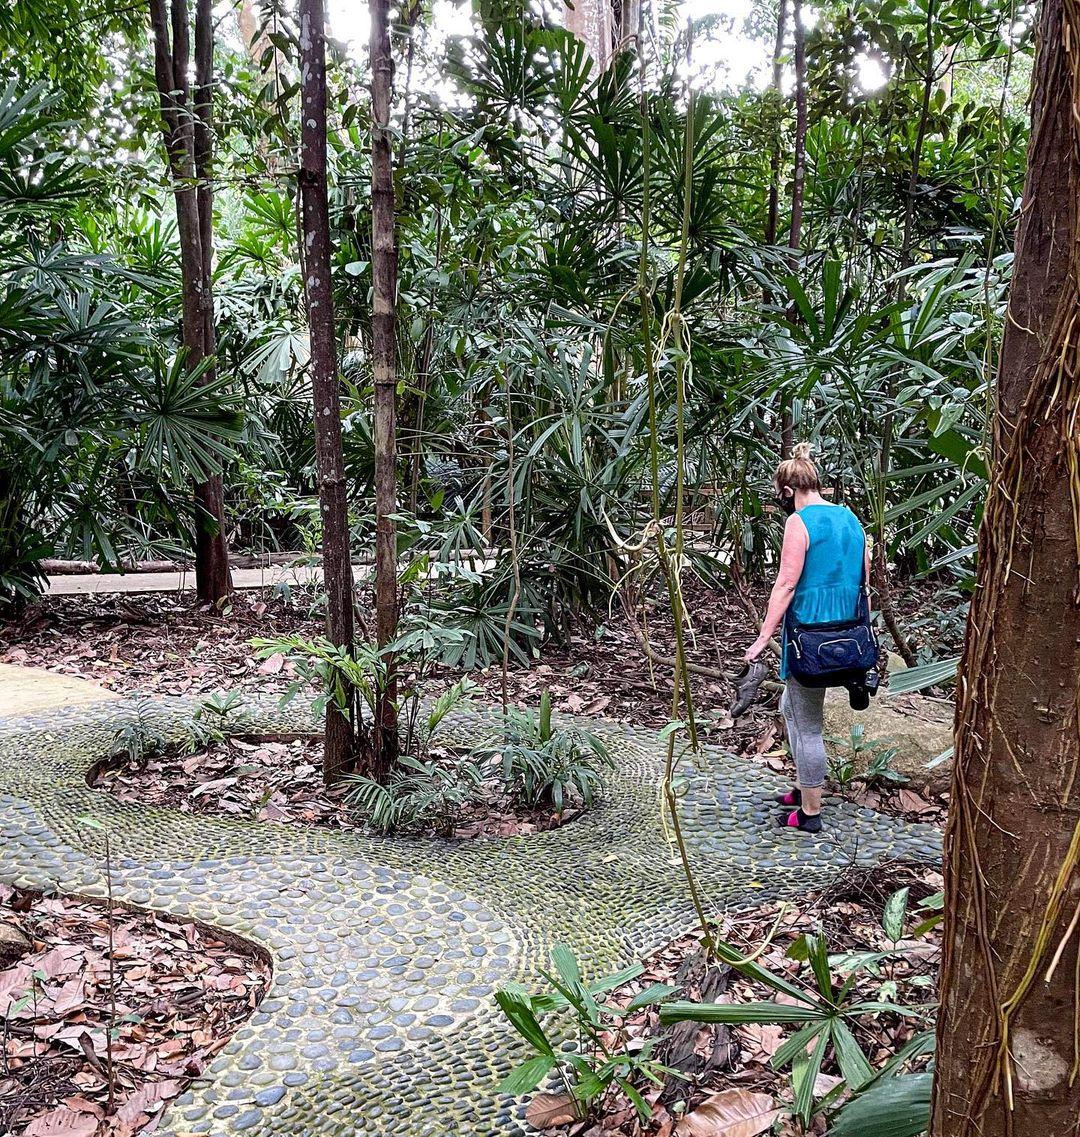 hindhede nature park - reflexology